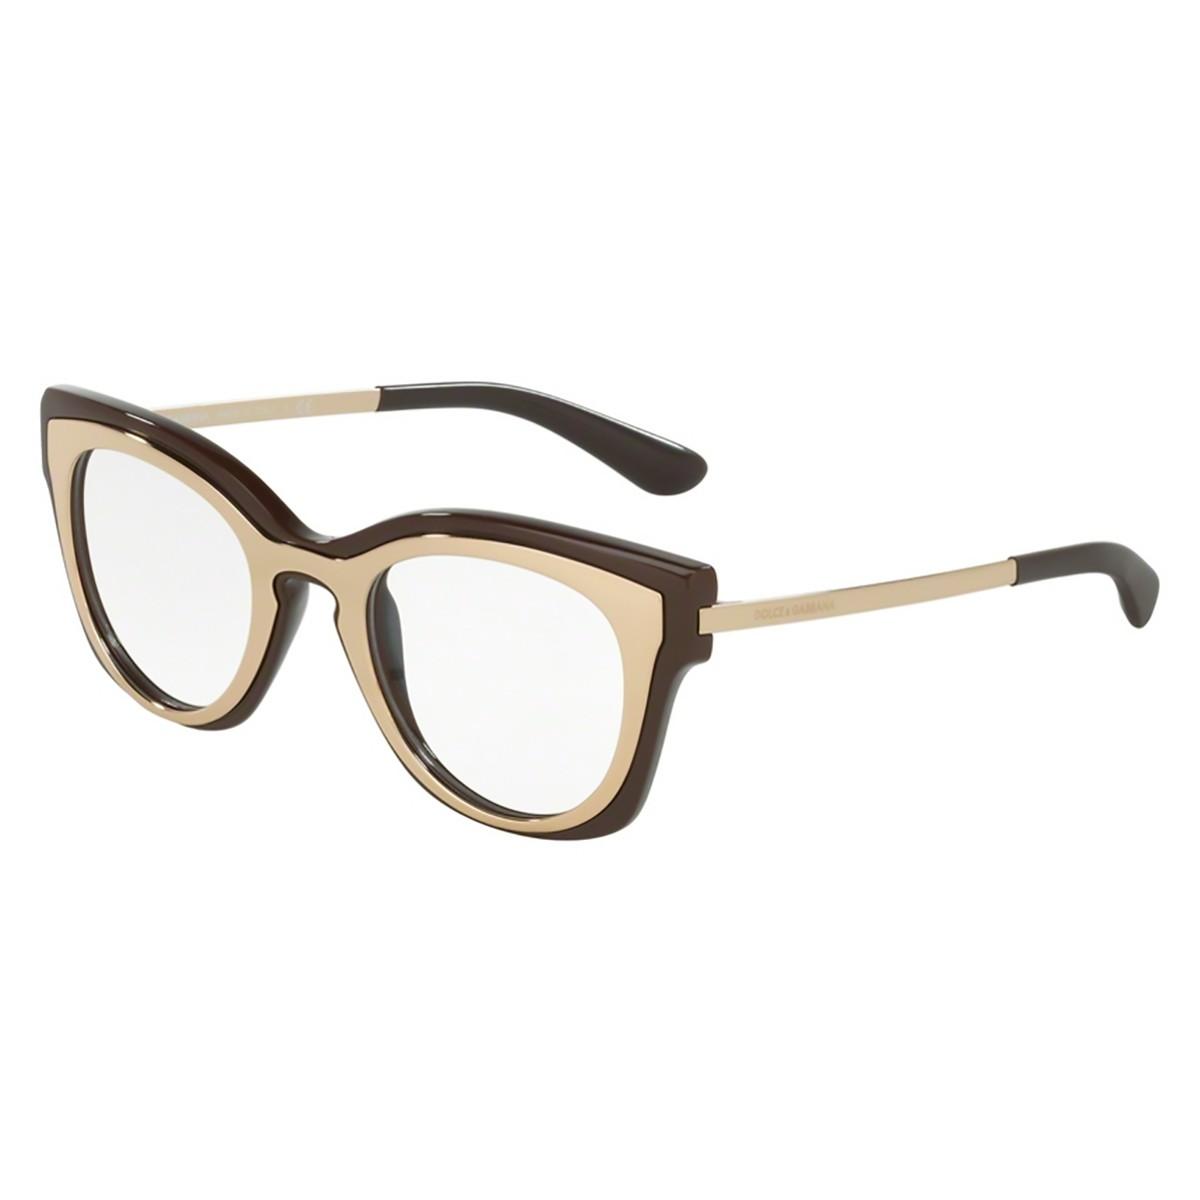 8b519c597062a Compre Óculos de Grau Dolce   Gabbana em 10X